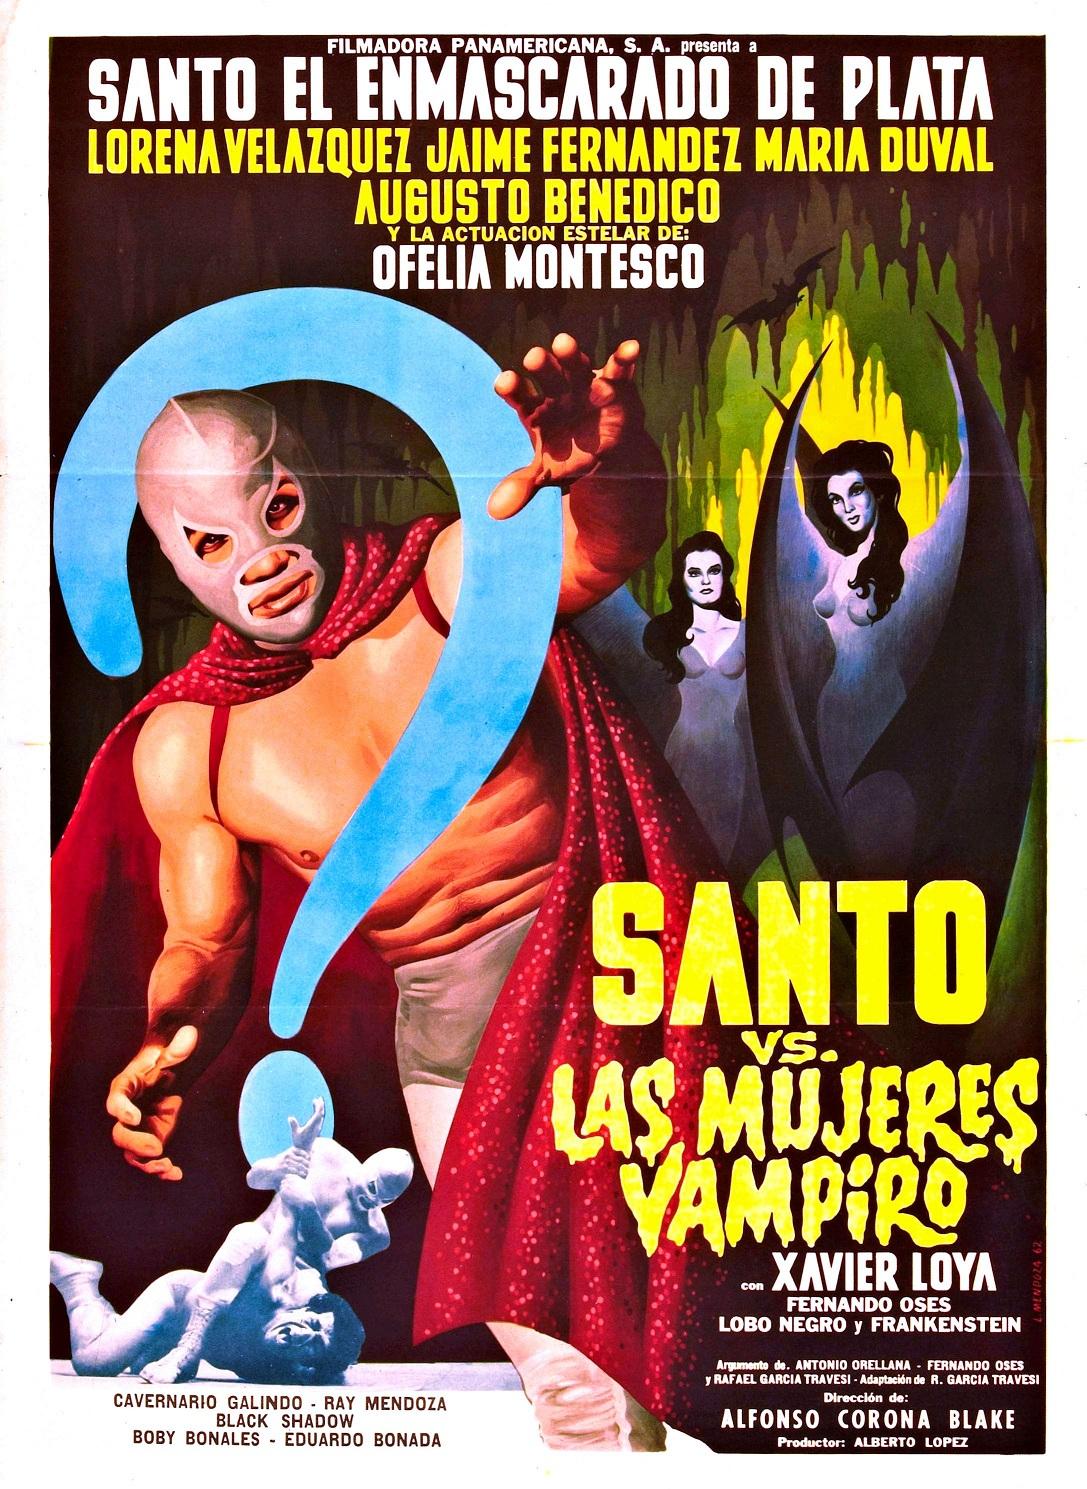 santo_vs_vampire_women_poster_01